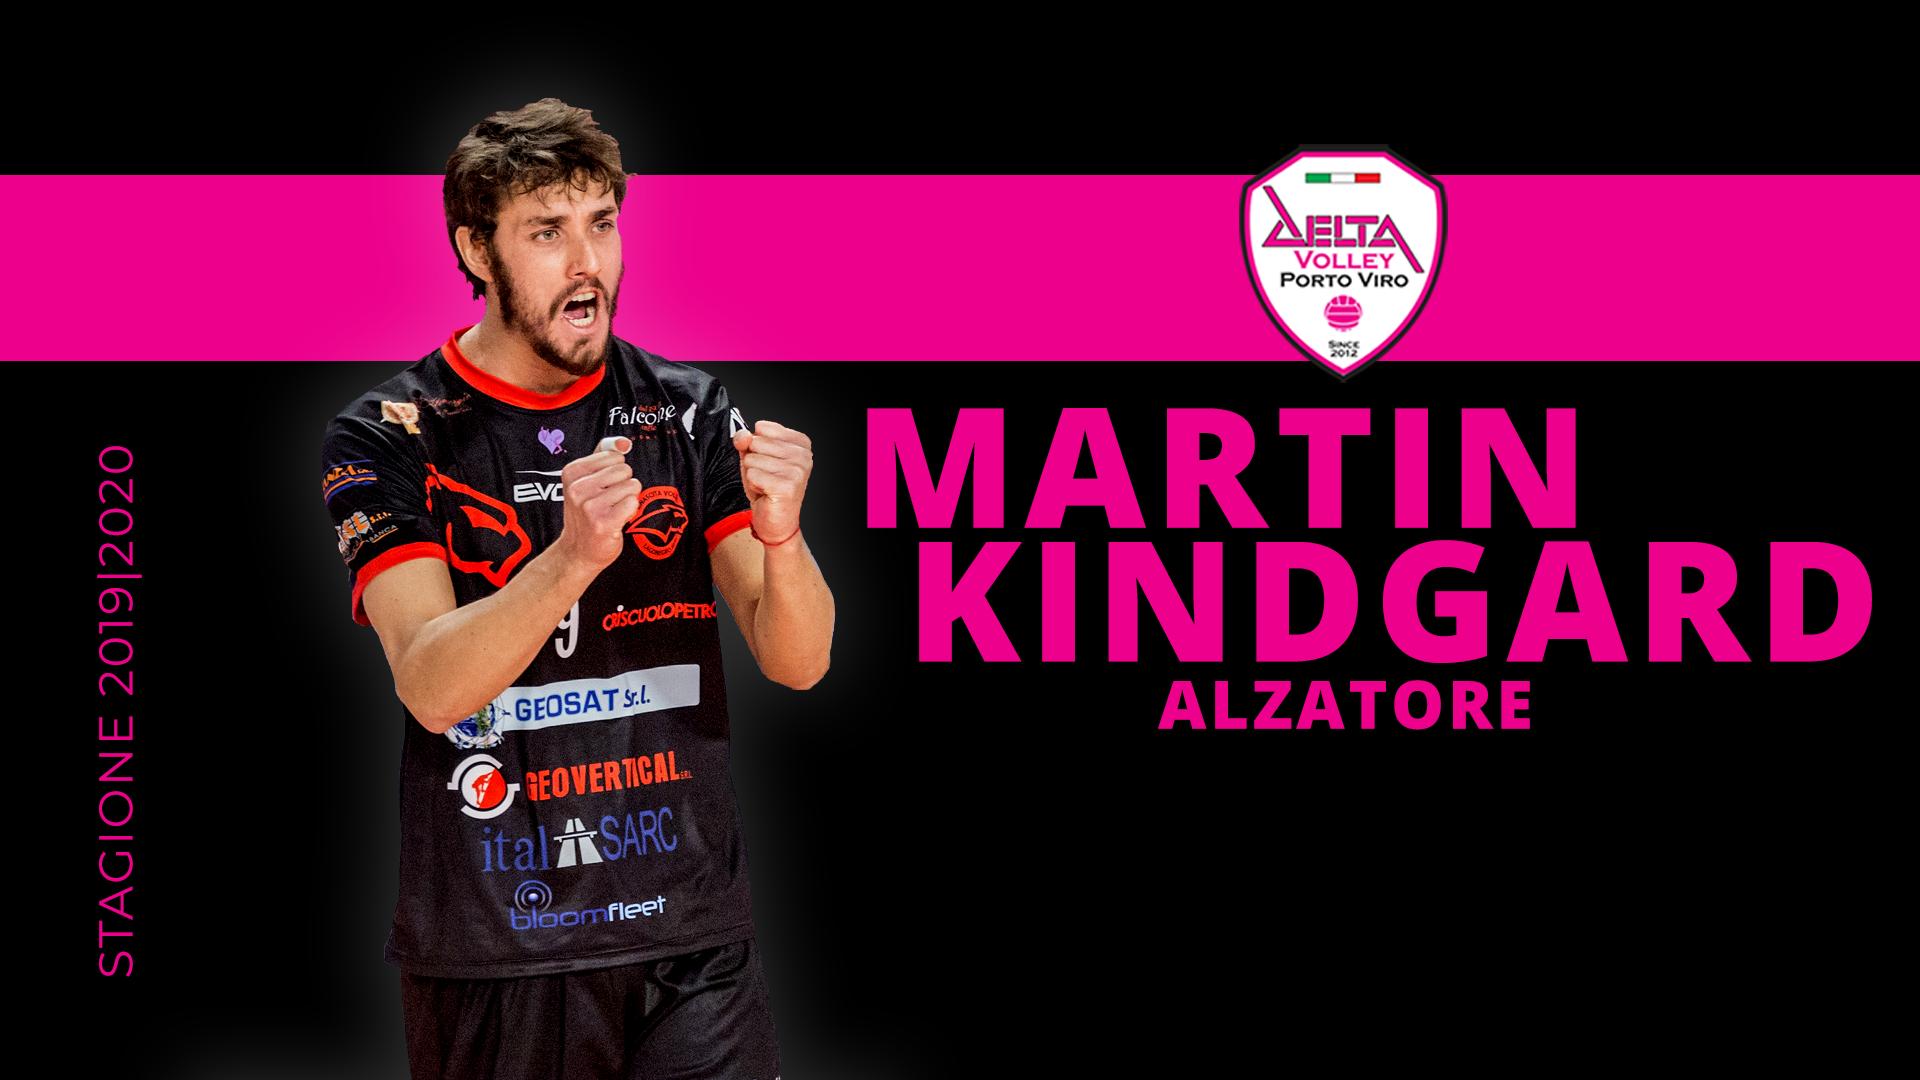 Martin Kindgard